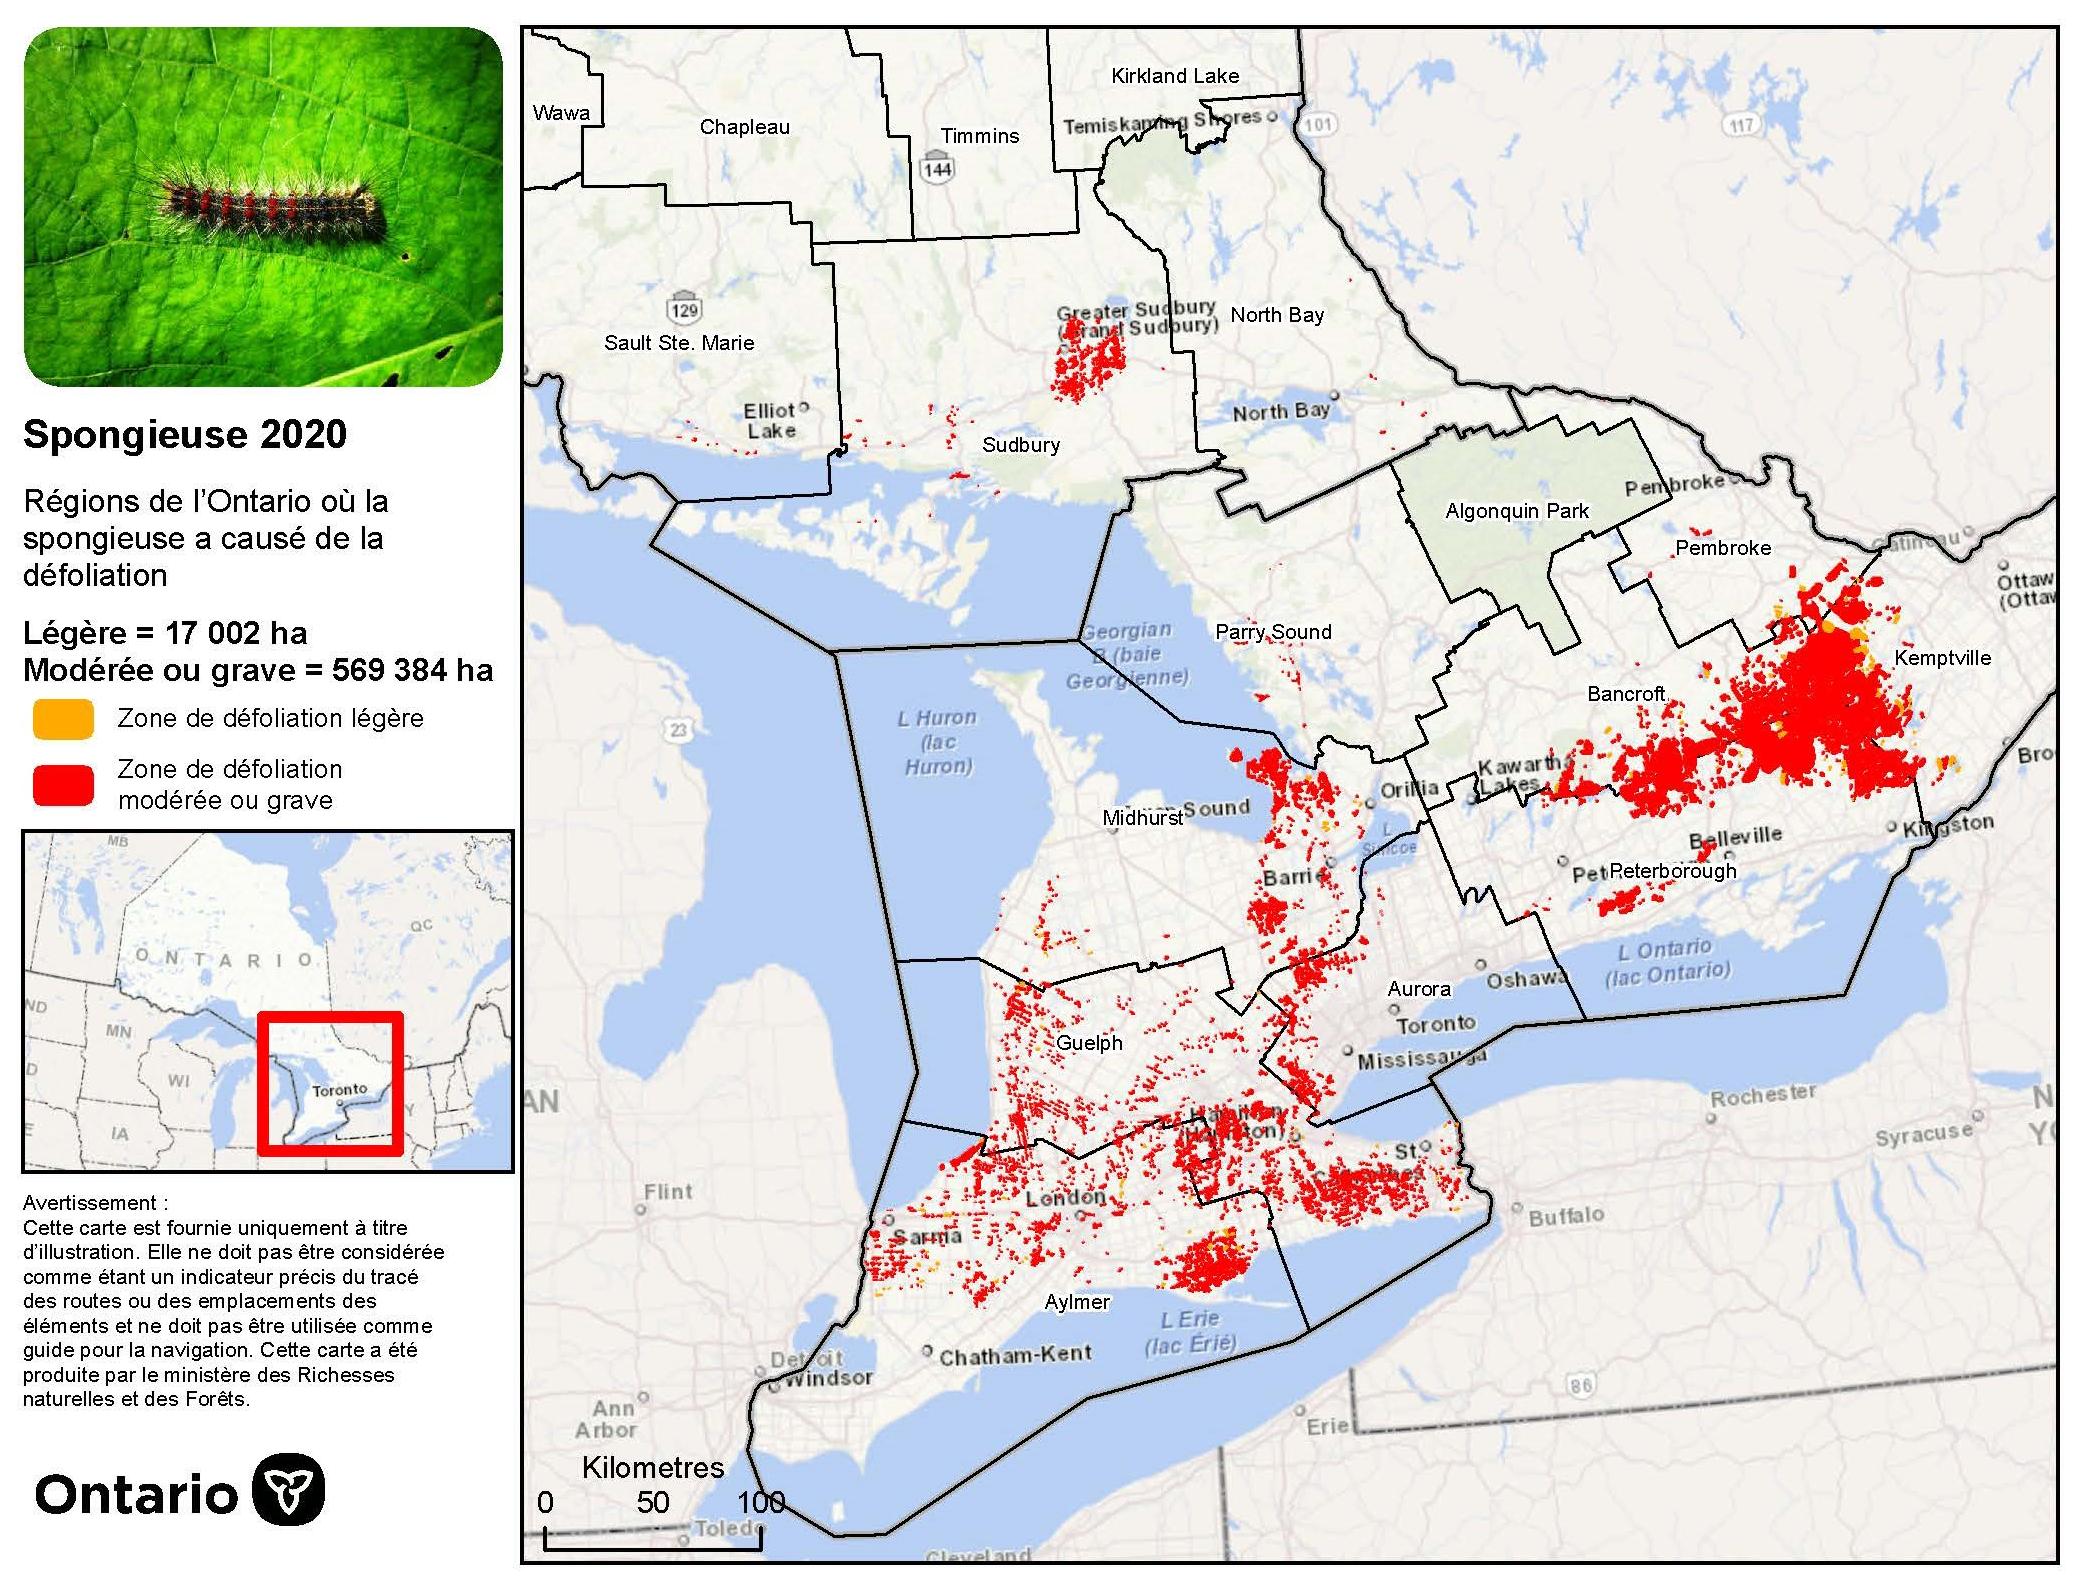 Carte du nord-est et du sud de l'Ontario illustrant les zones défoliées par la spongieuse au nord-ouest de Sudbury, le long de la rive nord du lac Huron ainsi que dans une grande partie du sud de l'Ontario.